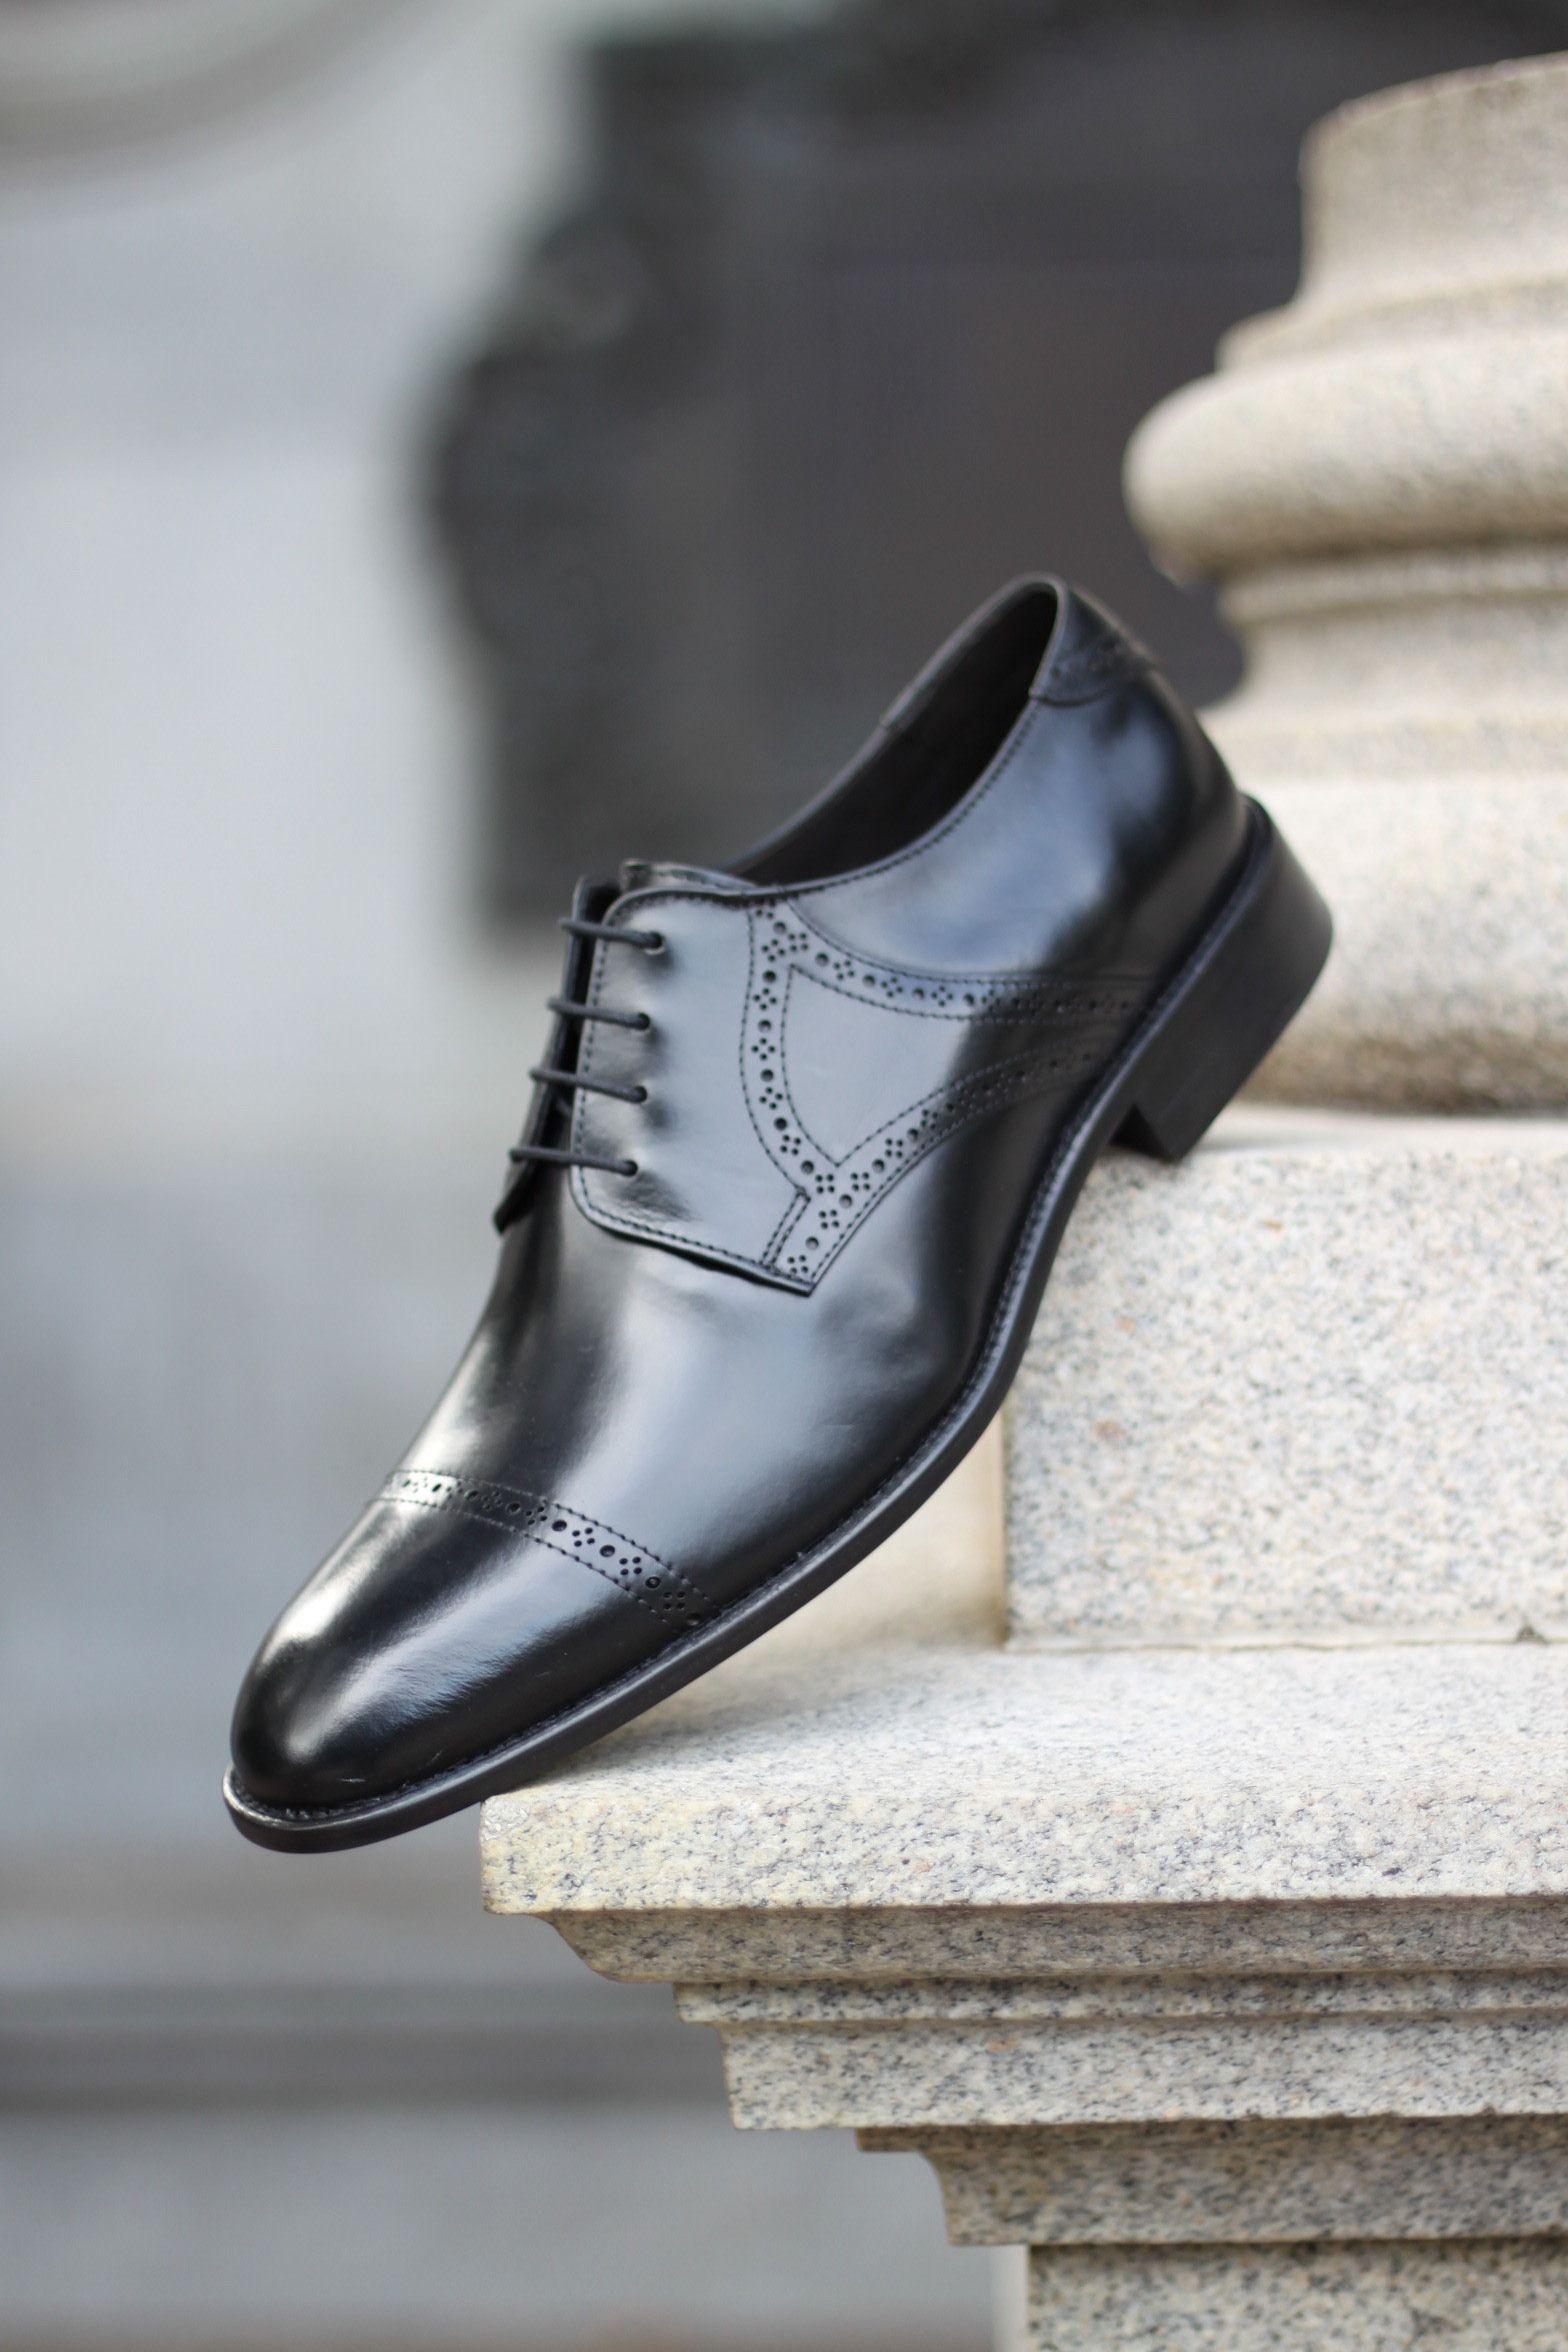 d4c9be427 Sapato Social Masculino Derby CNS Renno 01 em Couro preto com sola de couro  e forro em couro. #cns #cnsmais #sapato #social #derby #brogue #menshoes  #couro ...